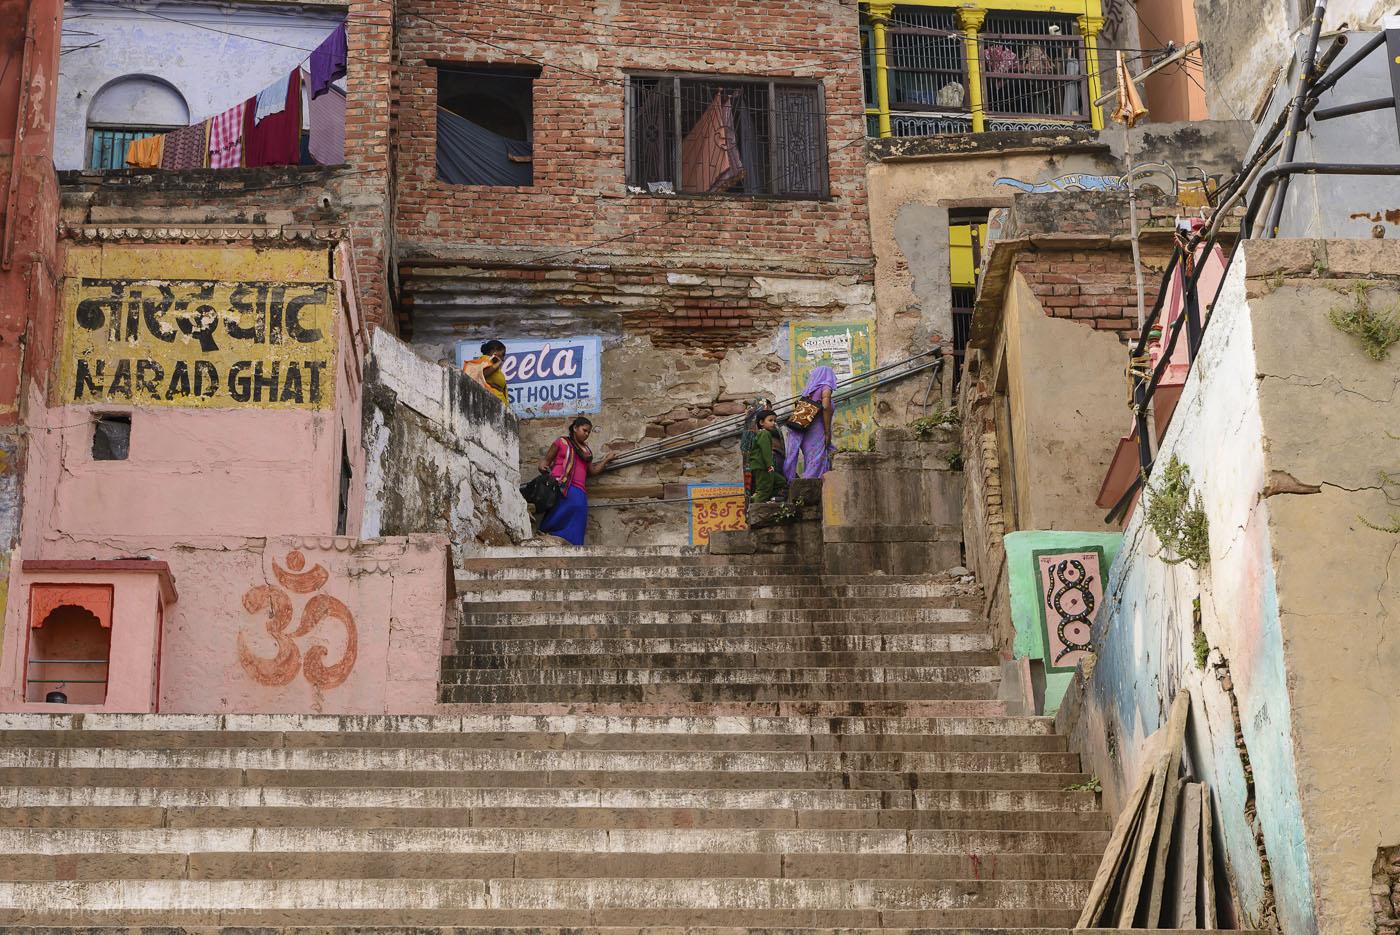 Фото 7. Поездка в Варанаси, один из самых известных городов Индии. Нарад гхат (Narad ghat). Его старое название Kuvai Ghat. Построен в 1778 году настоятелем одного из монастырей по имени Dattatreya Svami. 1/125, 9.0, 125, 70.